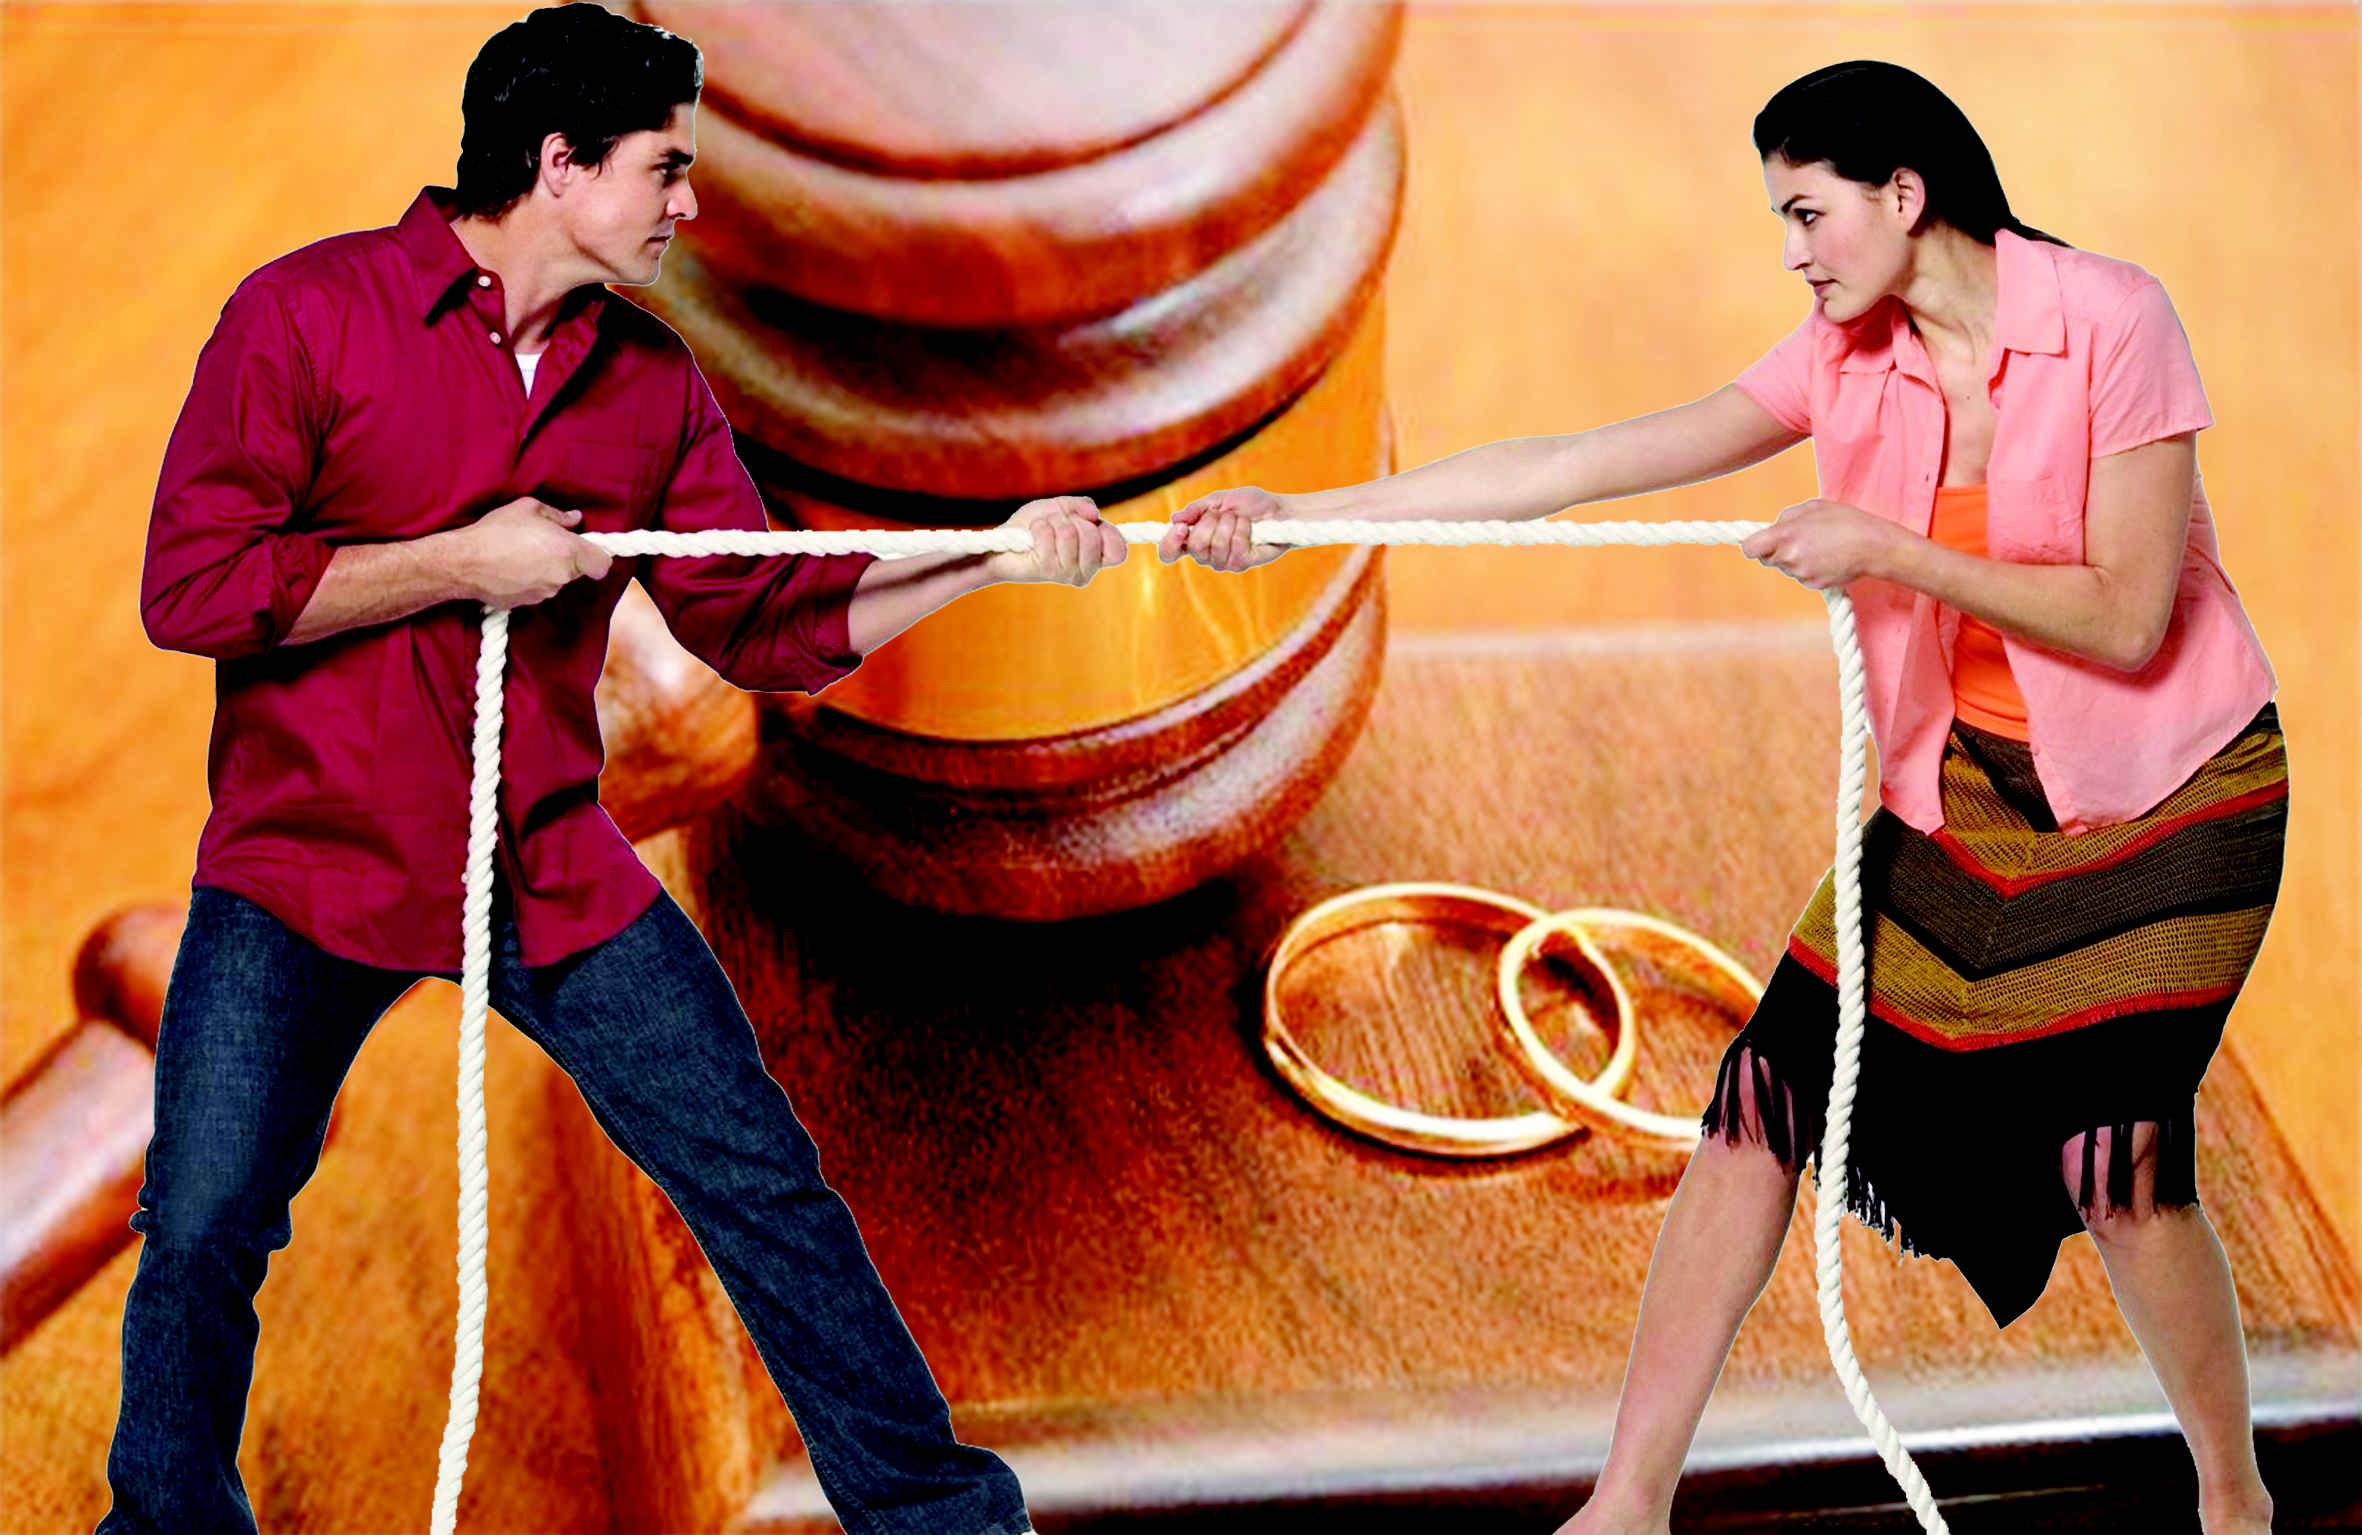 Когда возможен развод через суд без присутствия супруга?